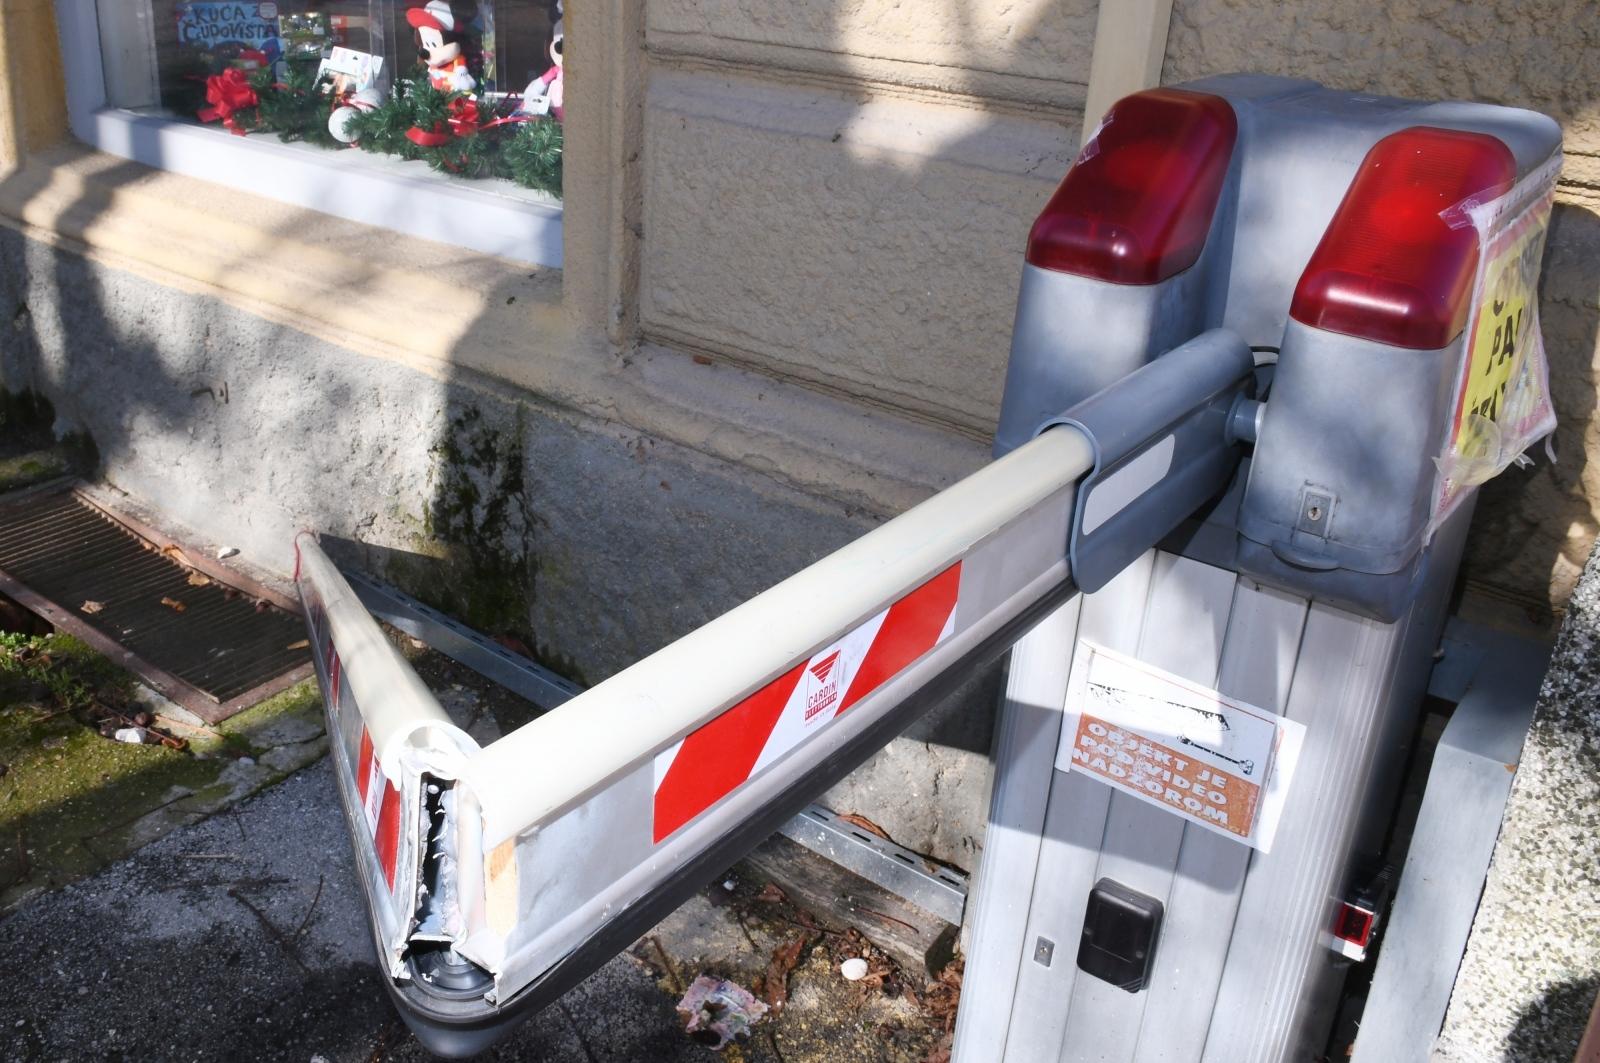 Nakon samo dva tjedna sisački vandali ponovno uništili rampu u Rimskoj ulici